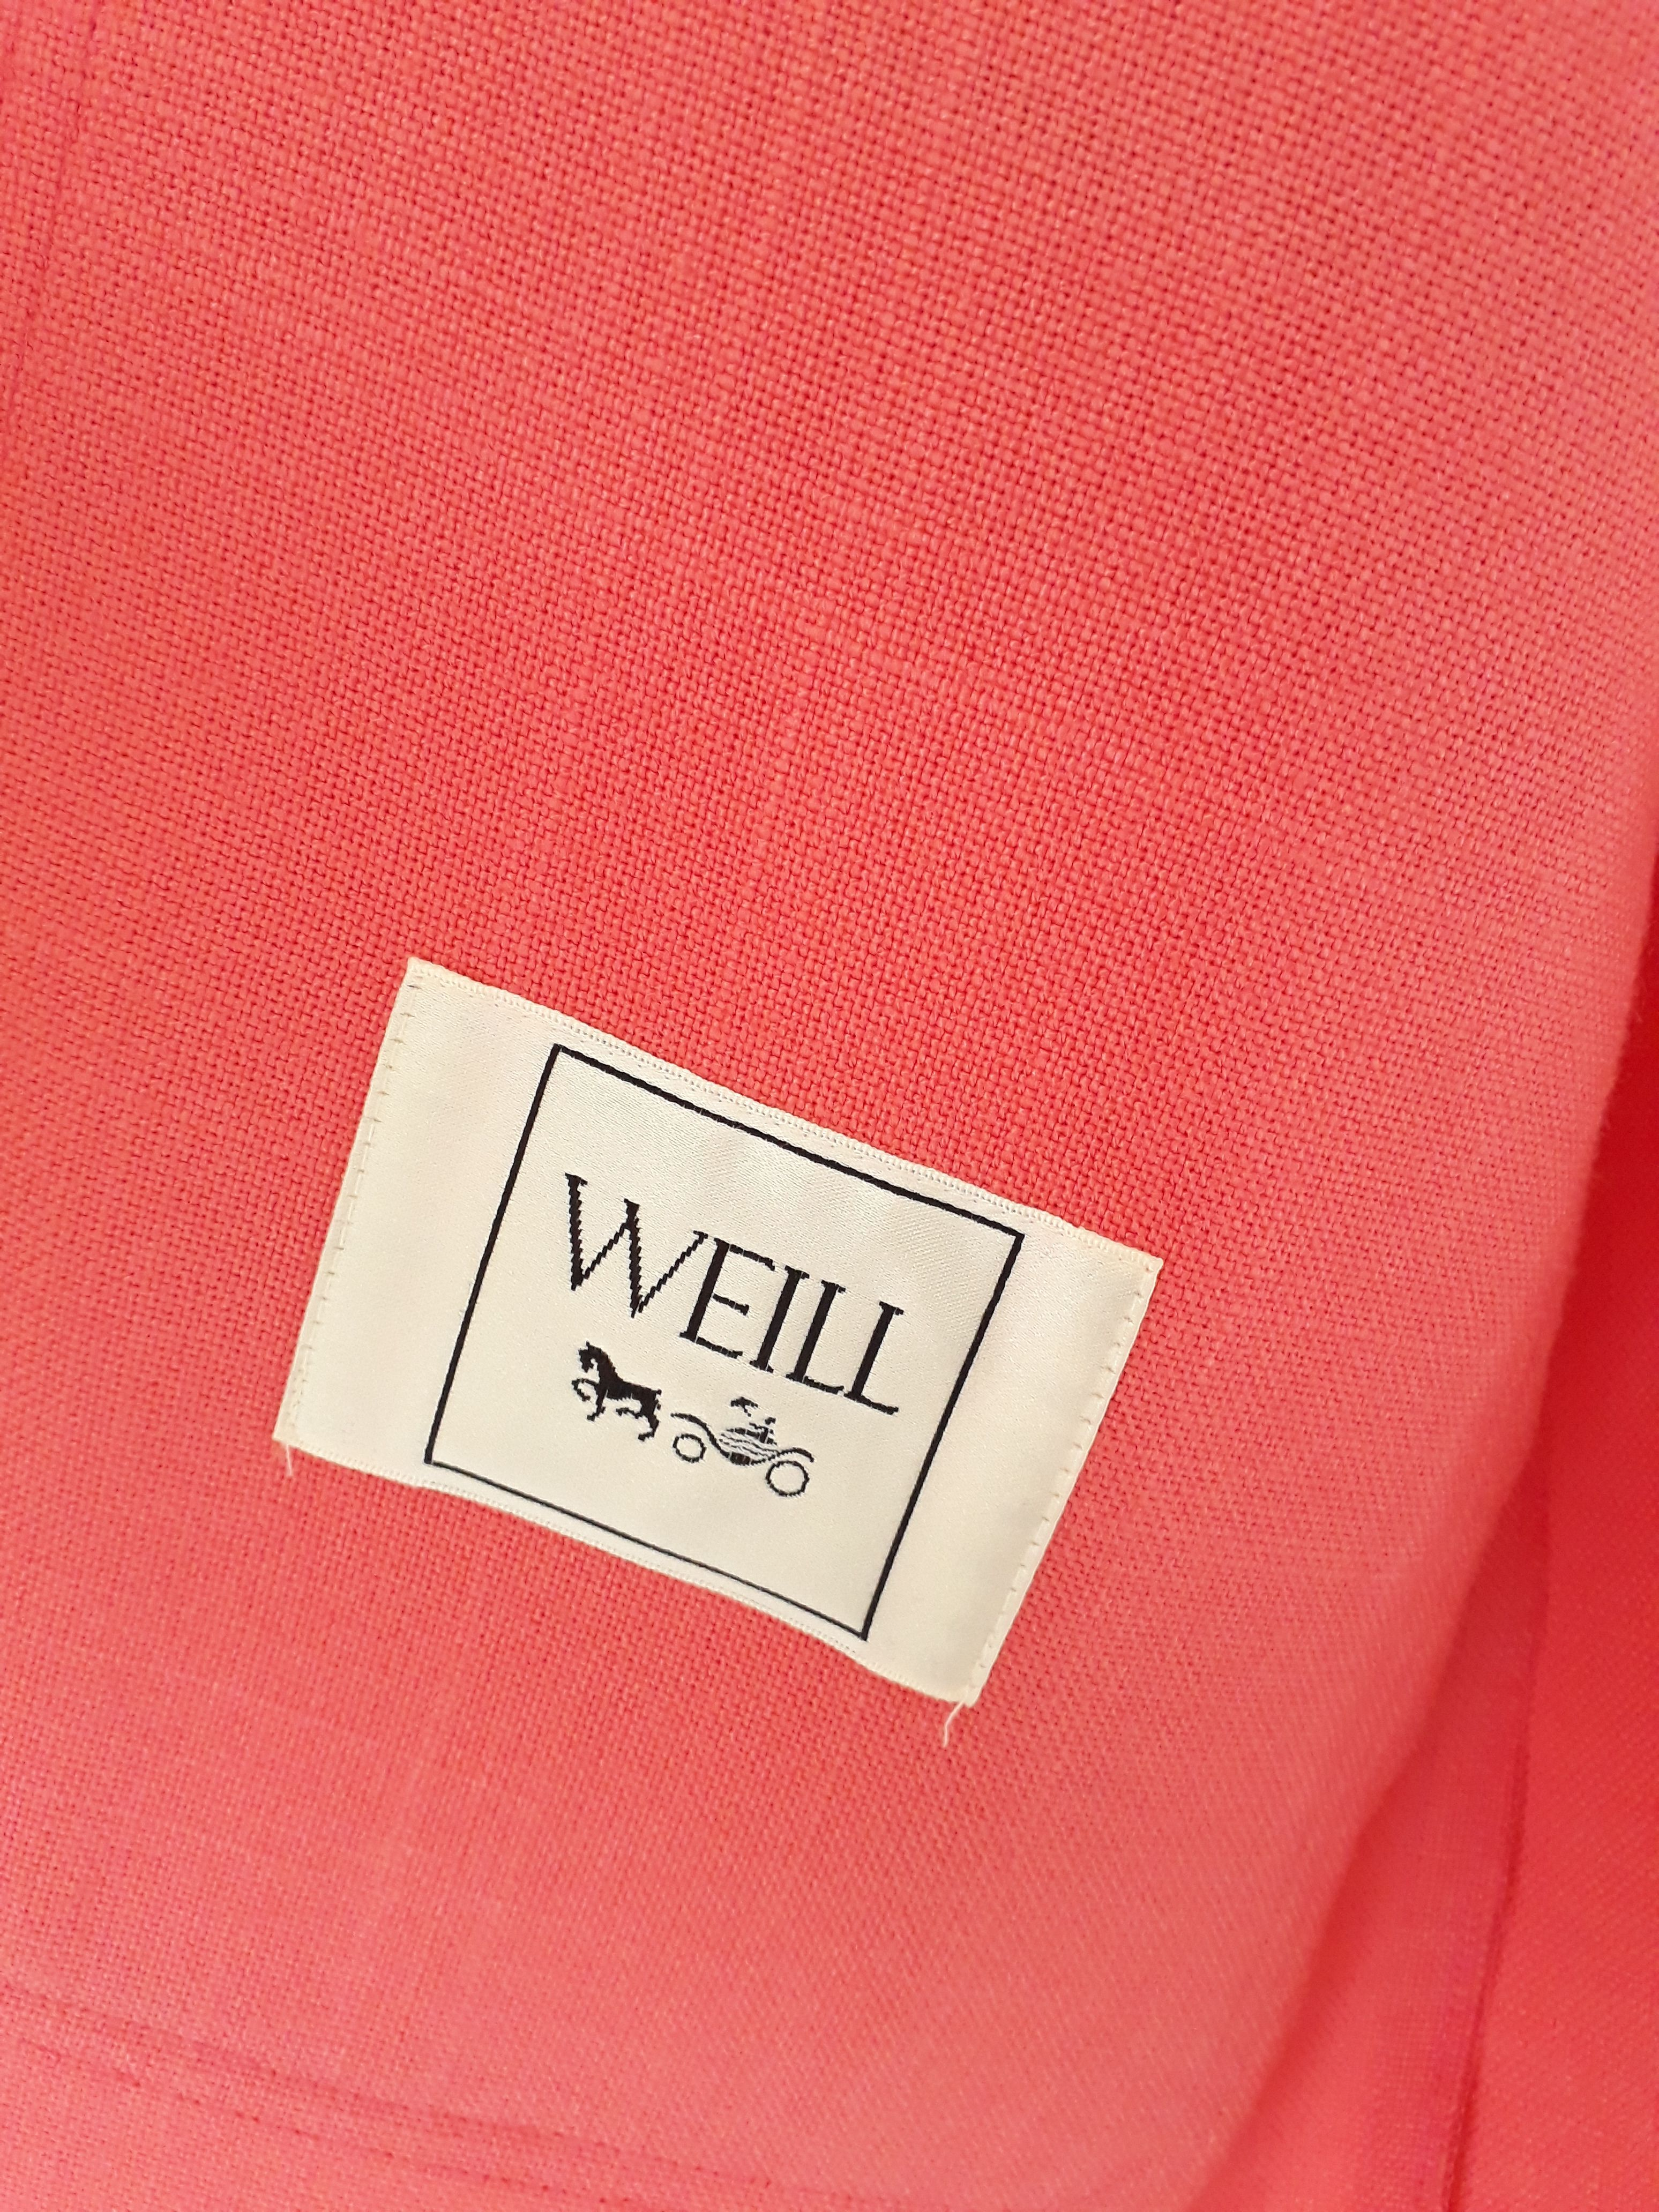 Vestes - Veste Weill